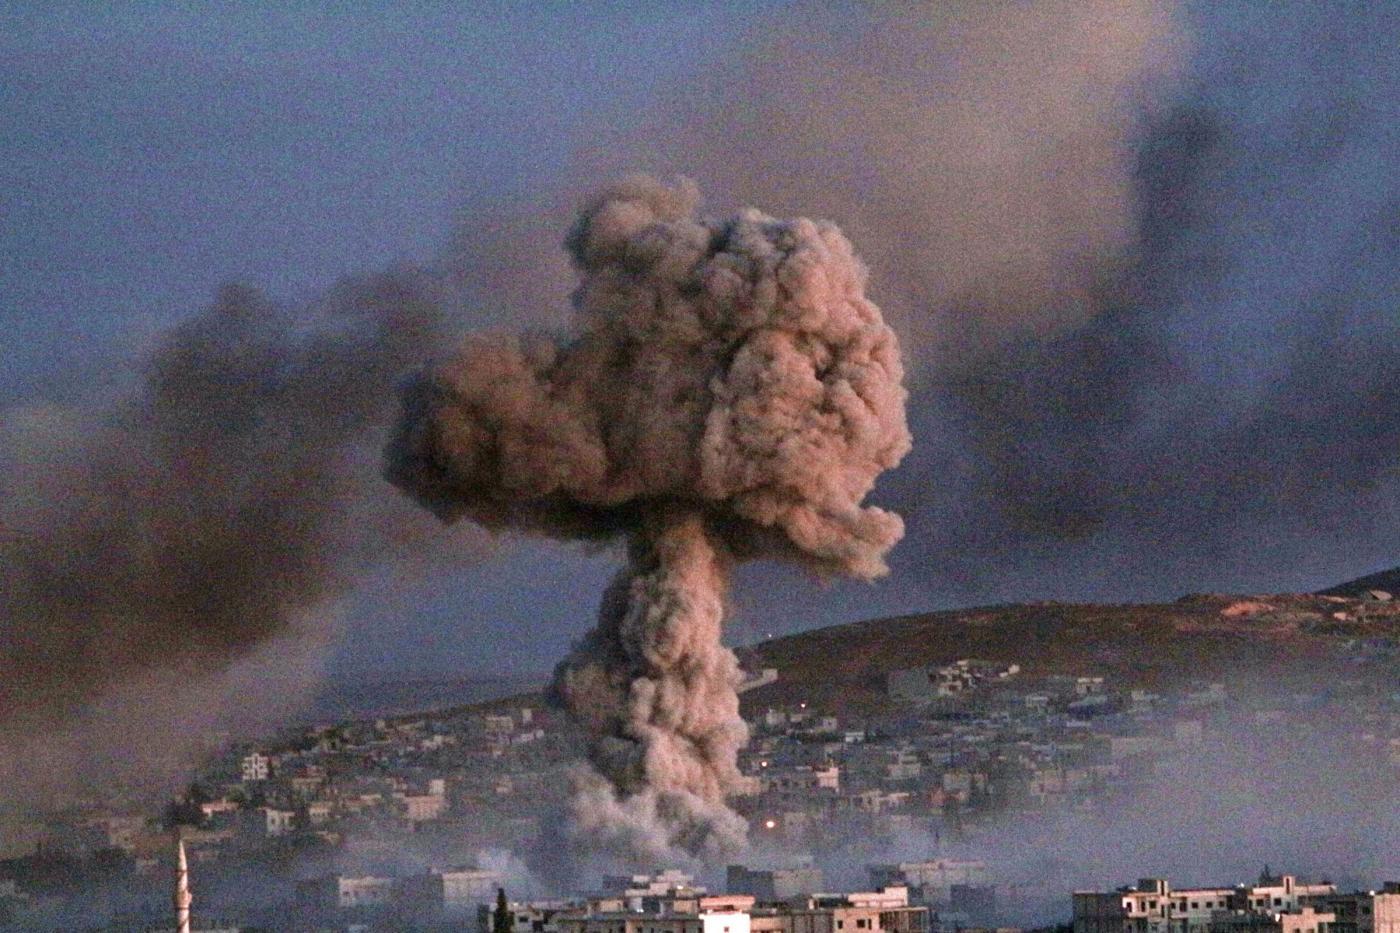 Armi chimiche: Gas Sarin, cos'è il gas nervino conosciuto anche come GB usato nella Guerra in Siria